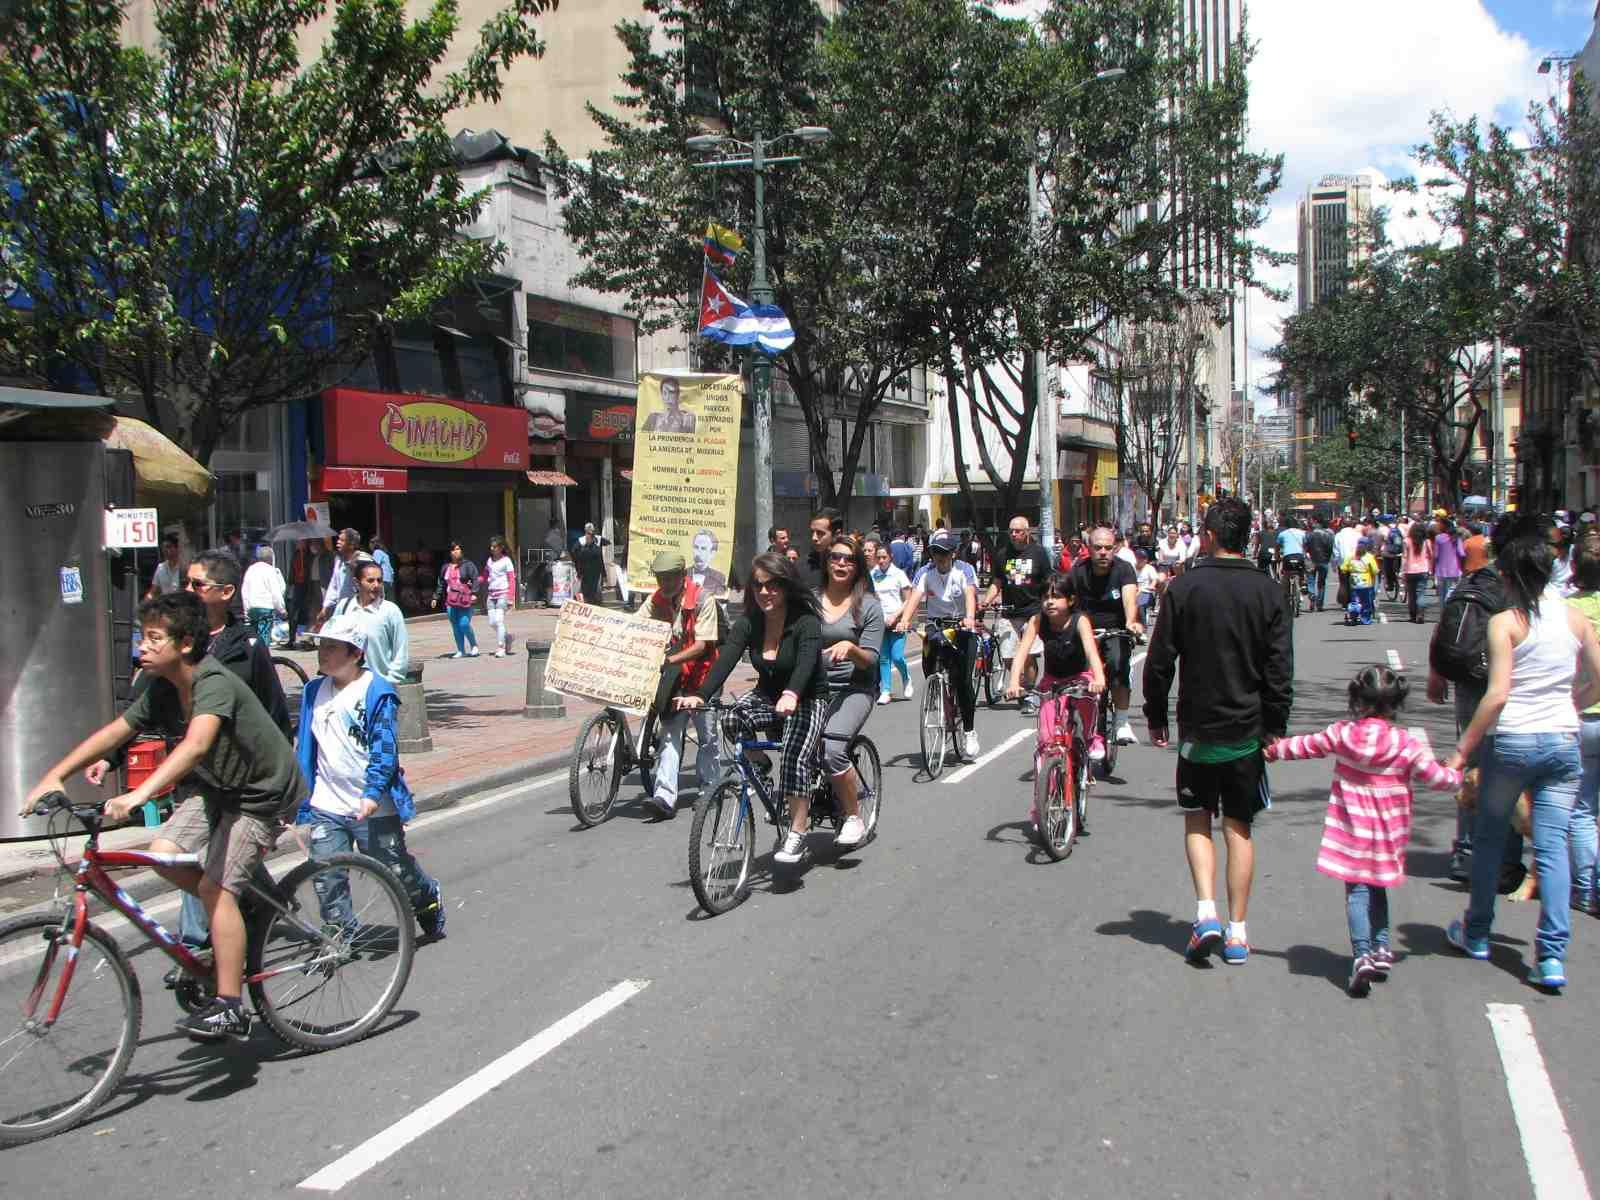 ciclovia riders.JPG